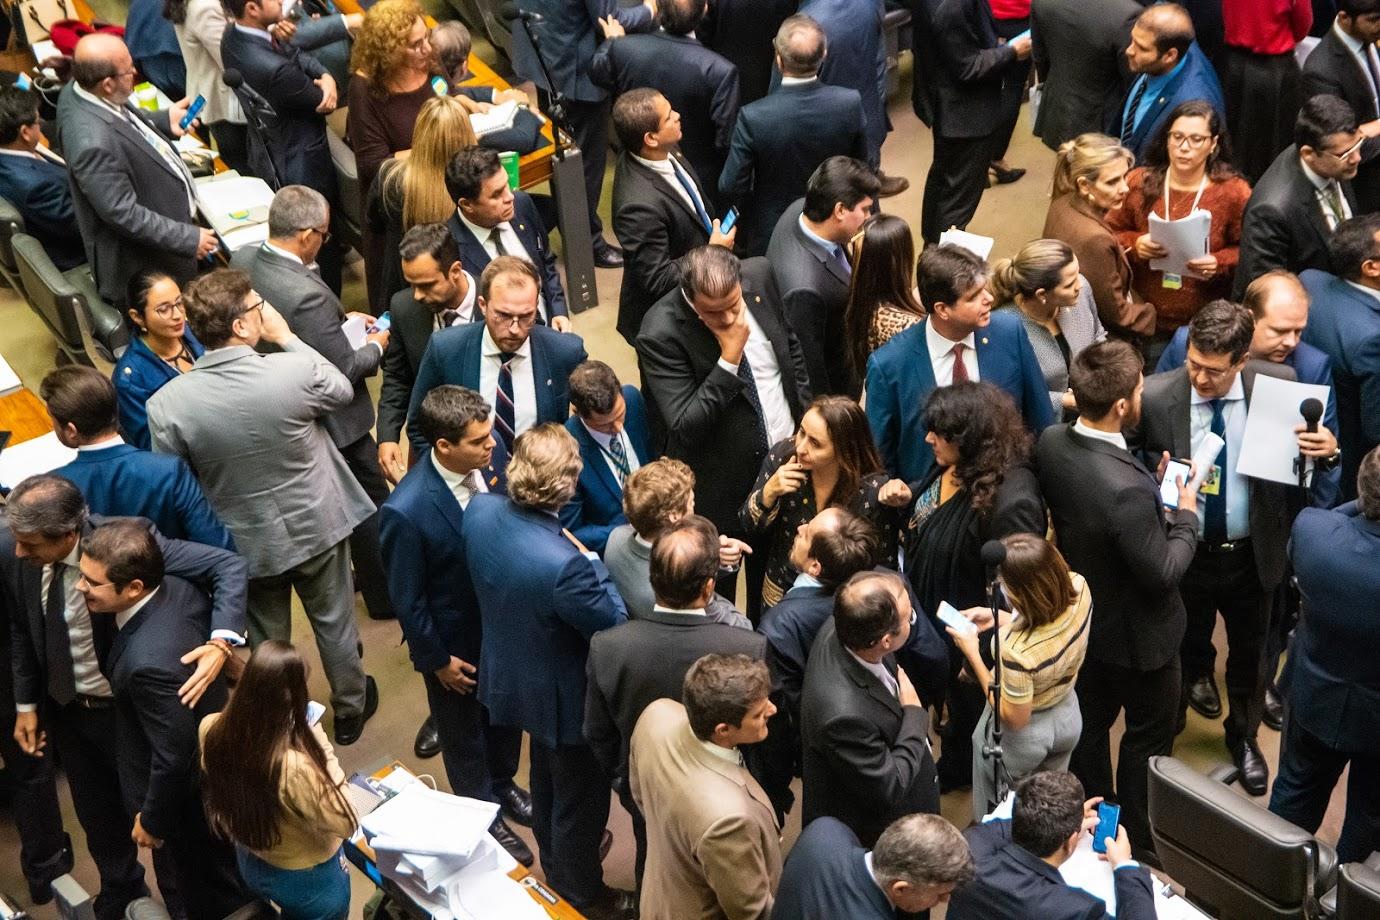 O ranking dos deputados que mais apoiaram a reforma da Previdência (O Globo, 30/07)